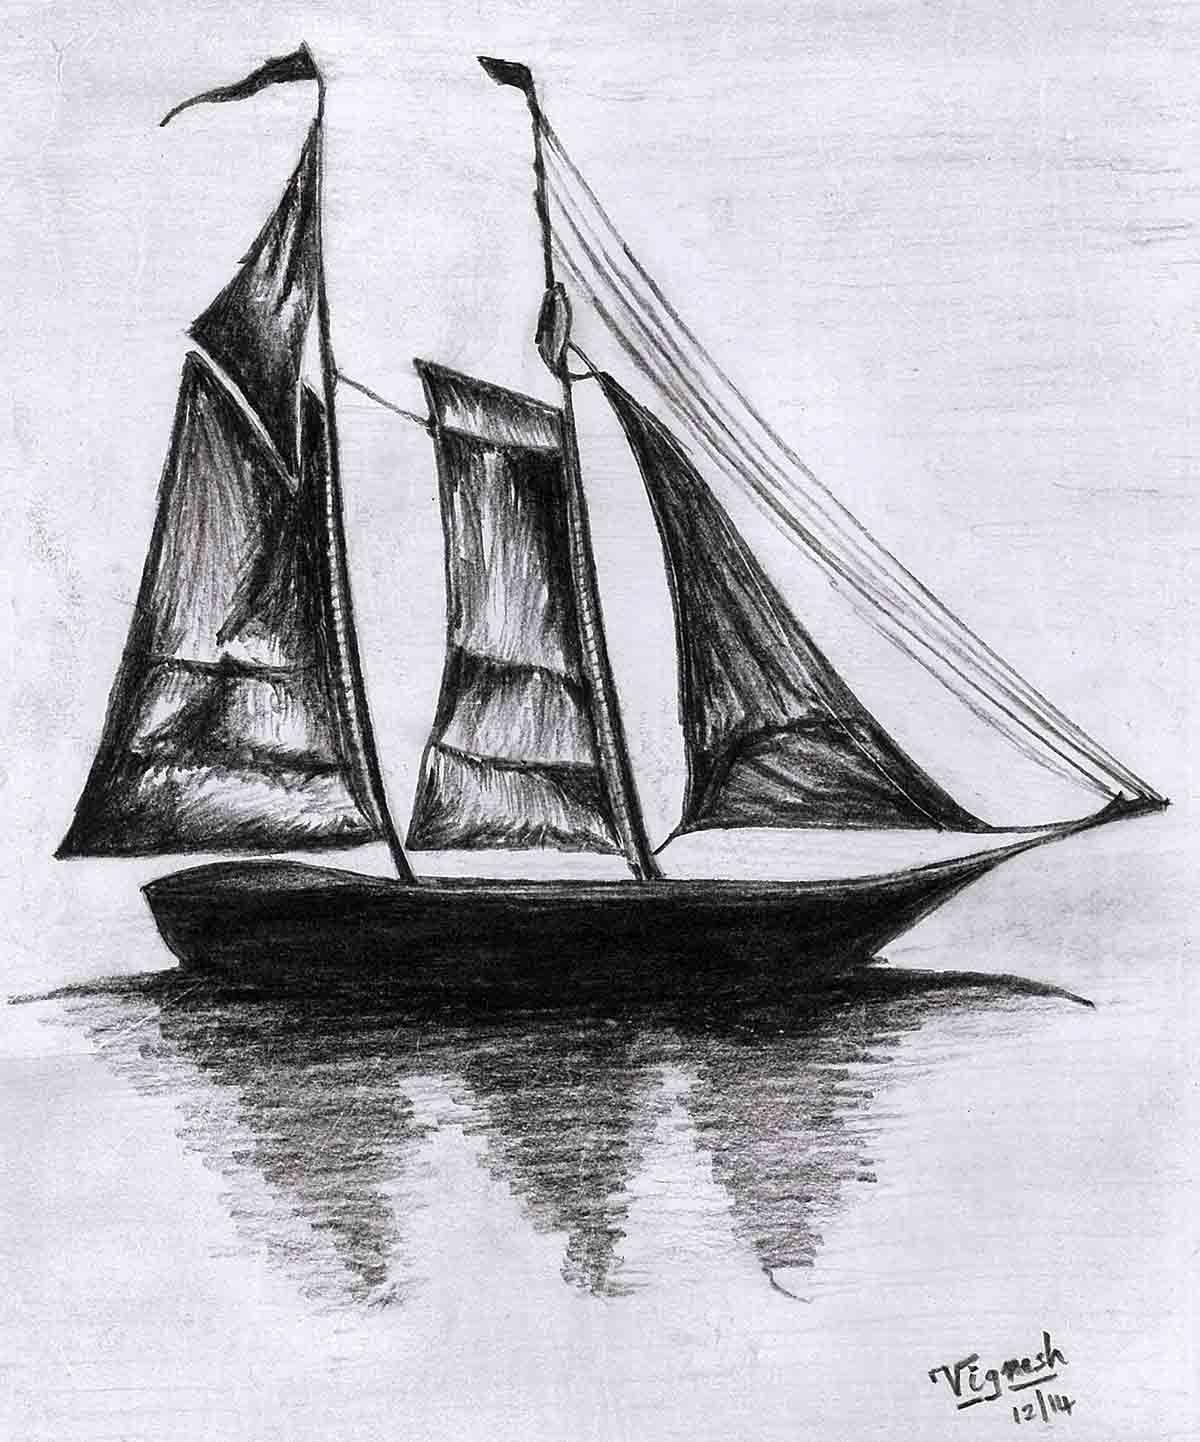 лимфоузлы лодка картинка карандашом человека меняется протяжении